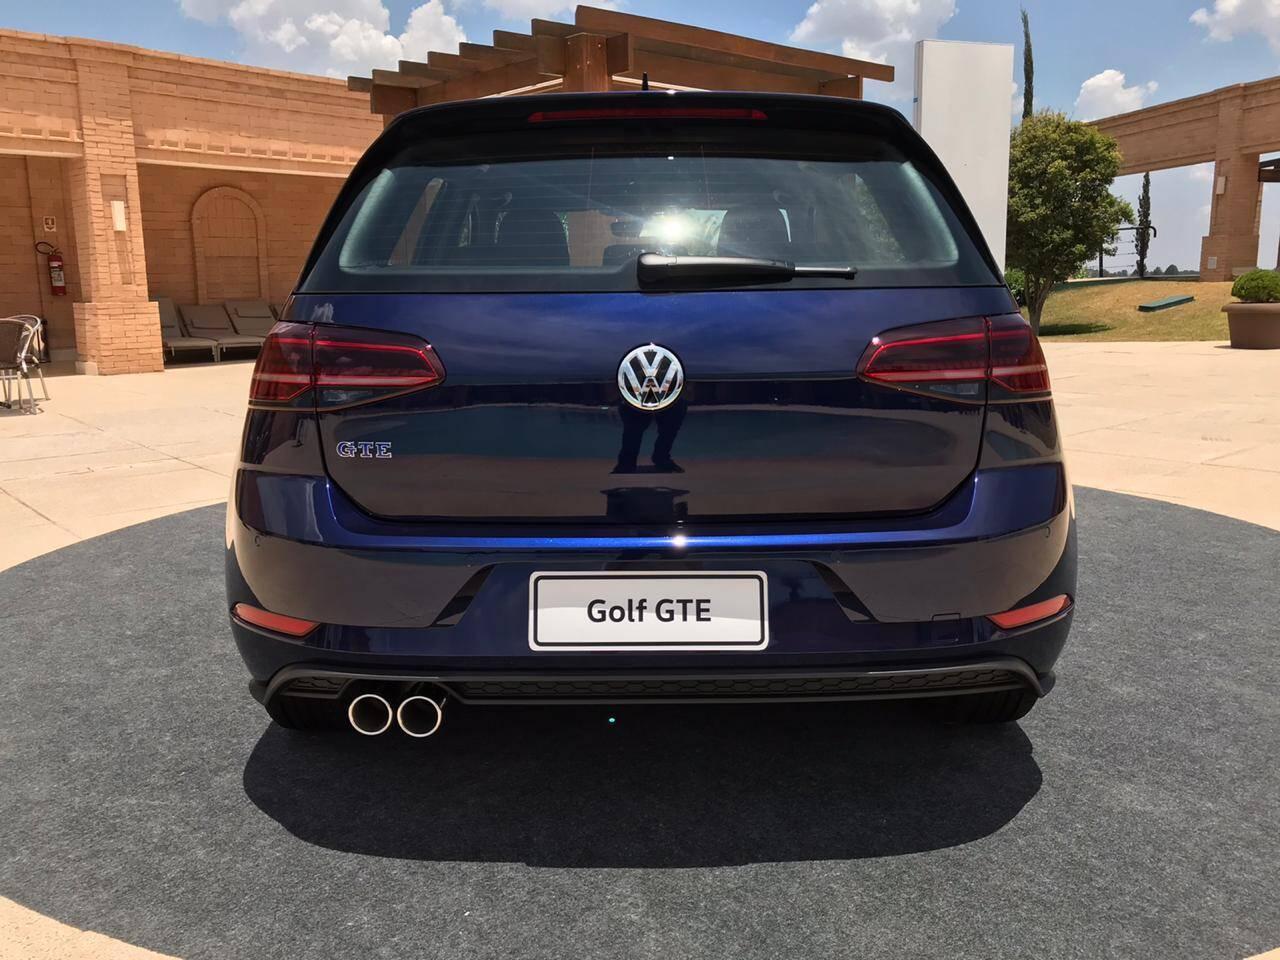 Dupla saída de escape também faz parte dos detalhes esportivos do Golf GTE. Foto: Guilherme Menezes/iG